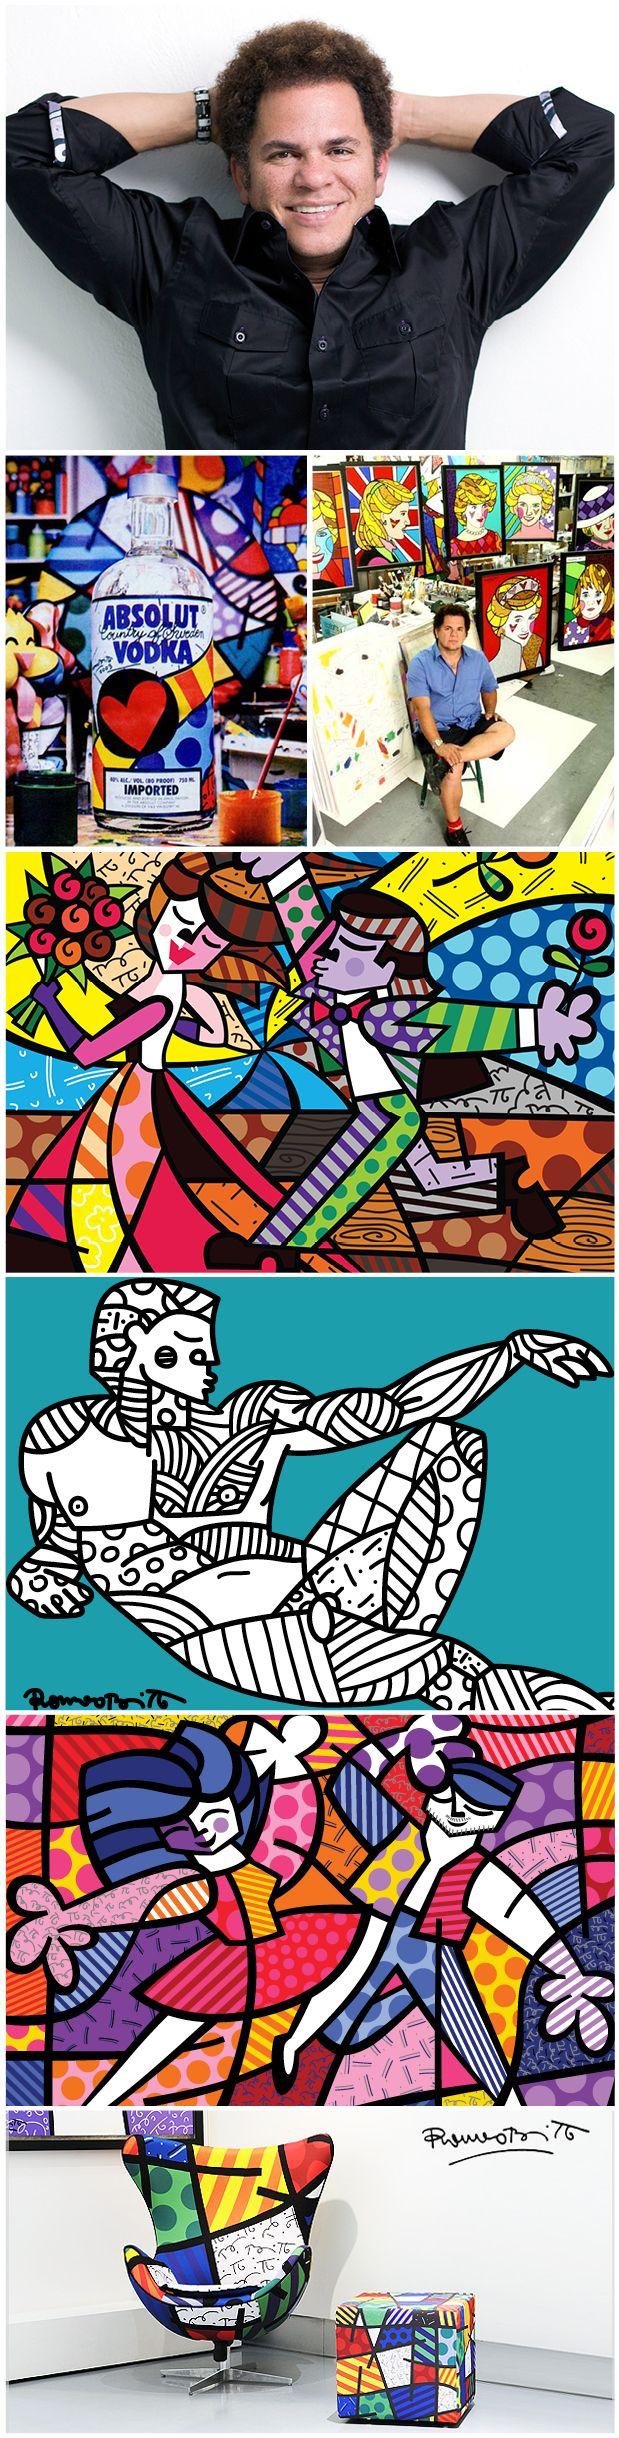 Nascido em Recife, o pequeno Romero Britto já demonstrava o gosto pela pintura aos oito anos de idade, praticando o exercício em superfícies como jornais. Seis anos depois ele vendeu seu primeiro quadro à Organização dos Estados Americanos. Hoje, o artista plástico é reconhecido mundialmente e suas obras são extremamente requisitadas.